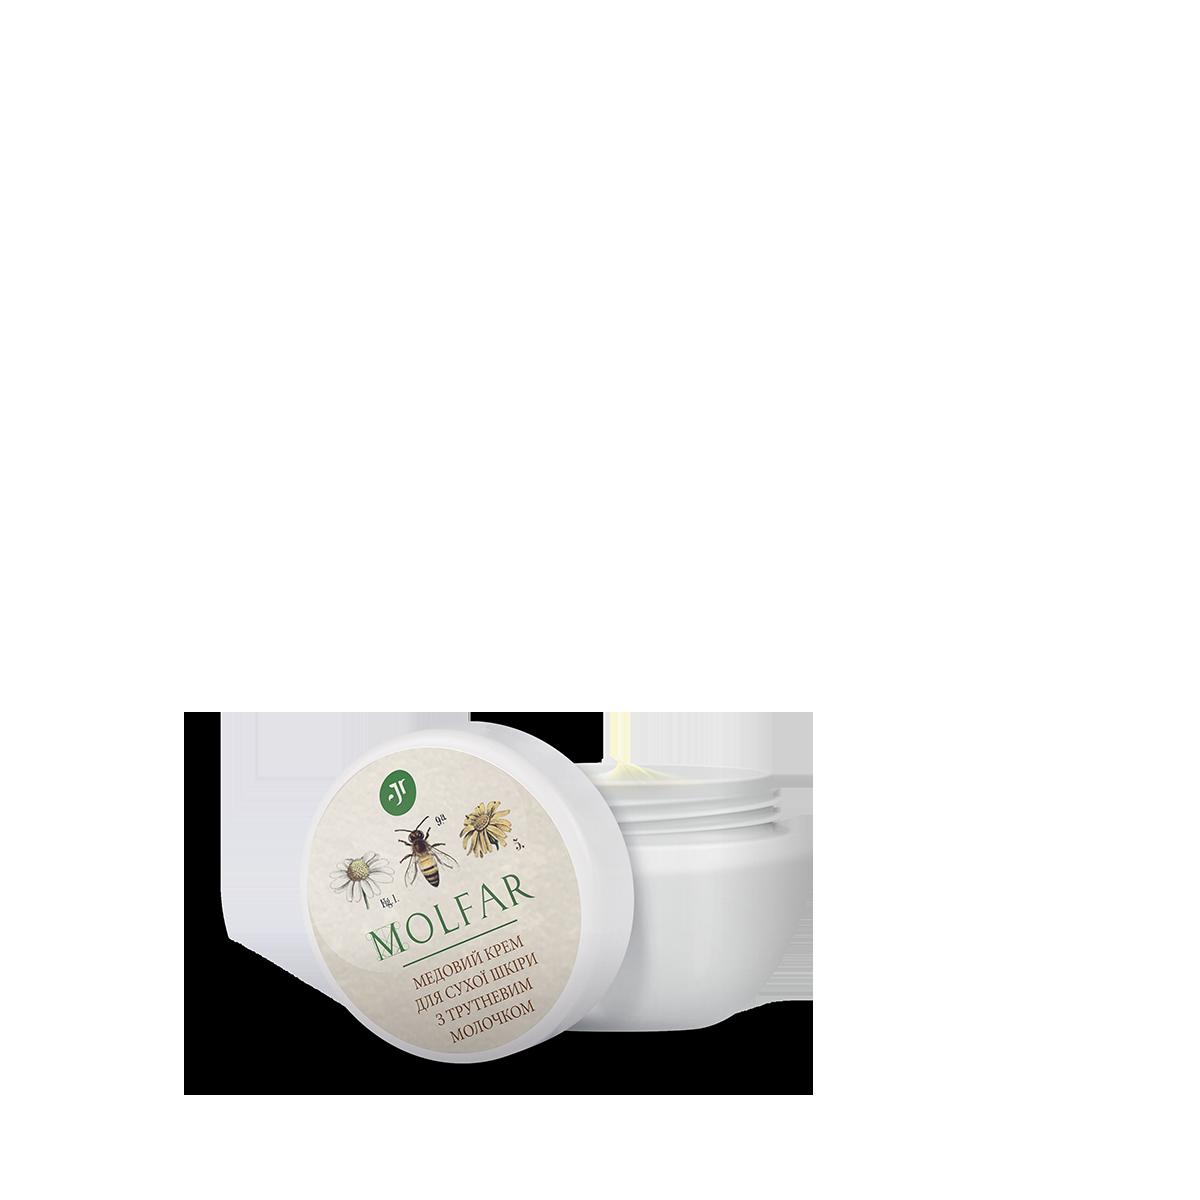 Медовий крем для сухої шкіри з трутневим молочком  Медовый крем для сухой кожи с трутневым молочком Джерелія